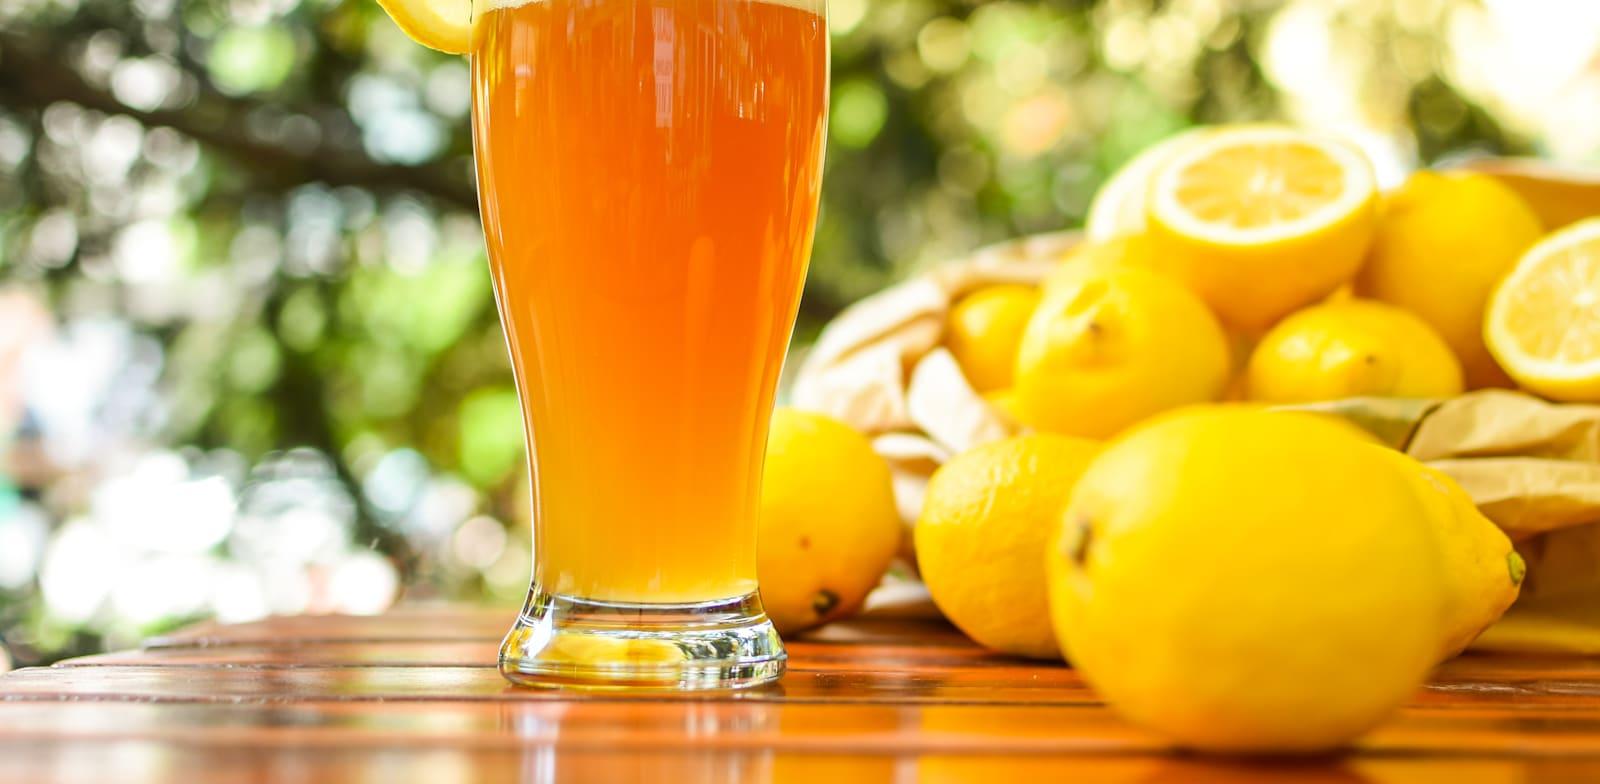 בירה קלוצמן. התחלה בפרדס בעמק חפר / צילום: Shutterstock